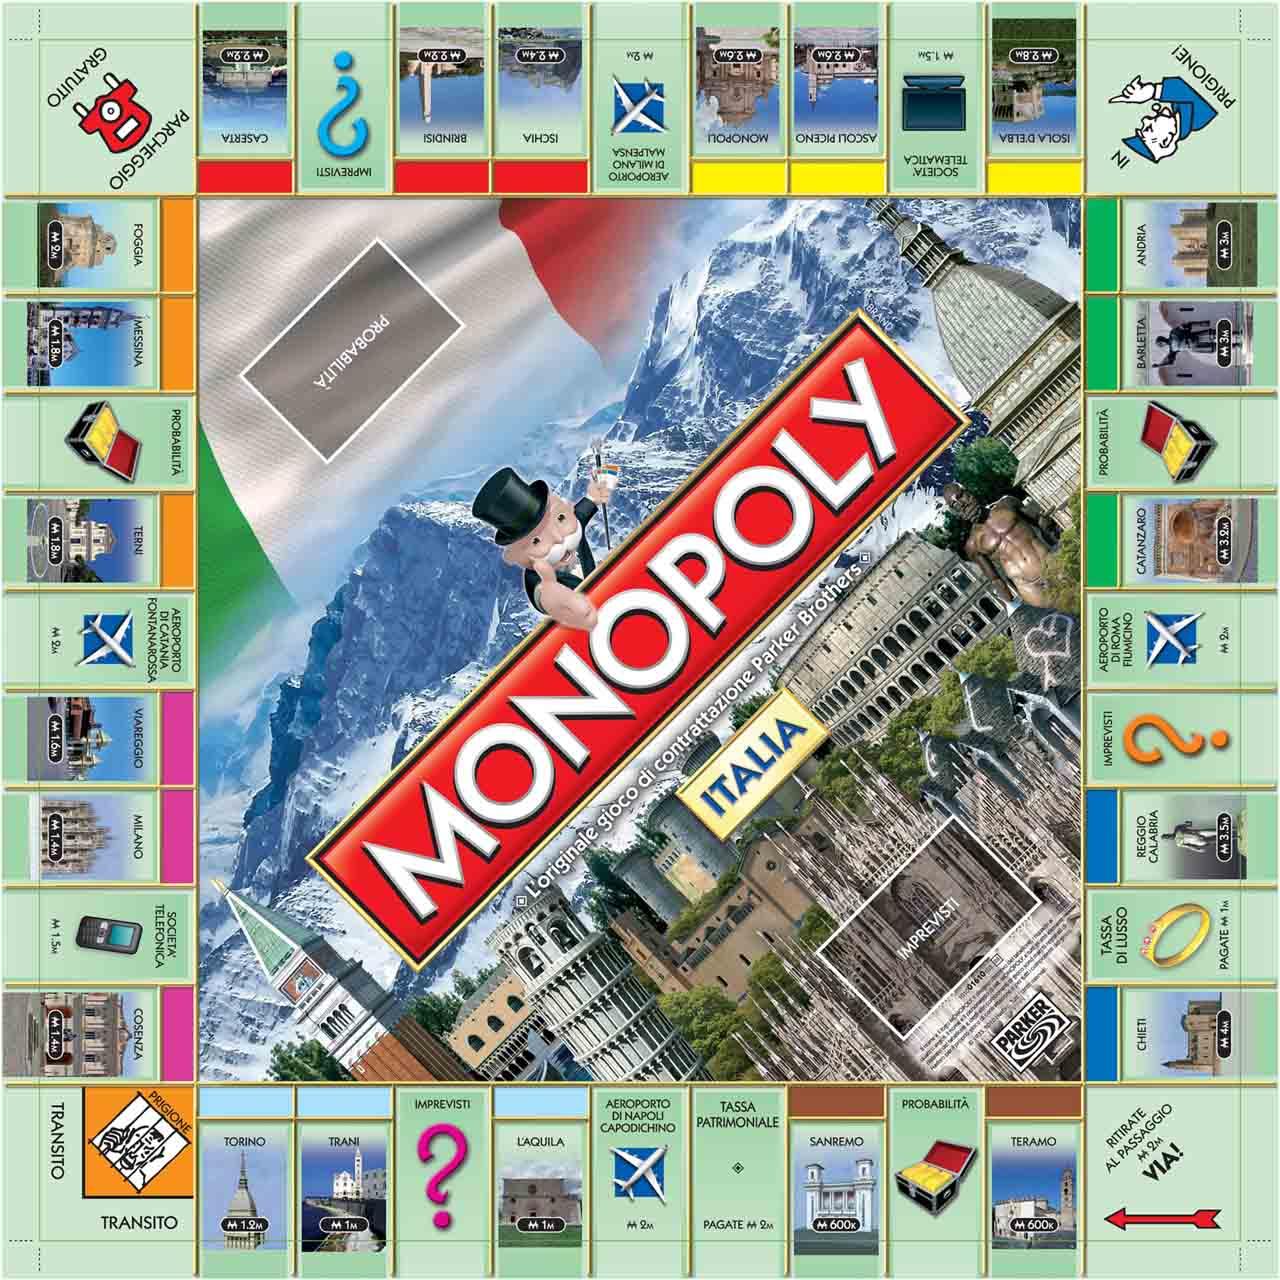 San Giorgio a Cremano sul tabellone del Monopoly 2017 Partito il voto, appello ai cittadini